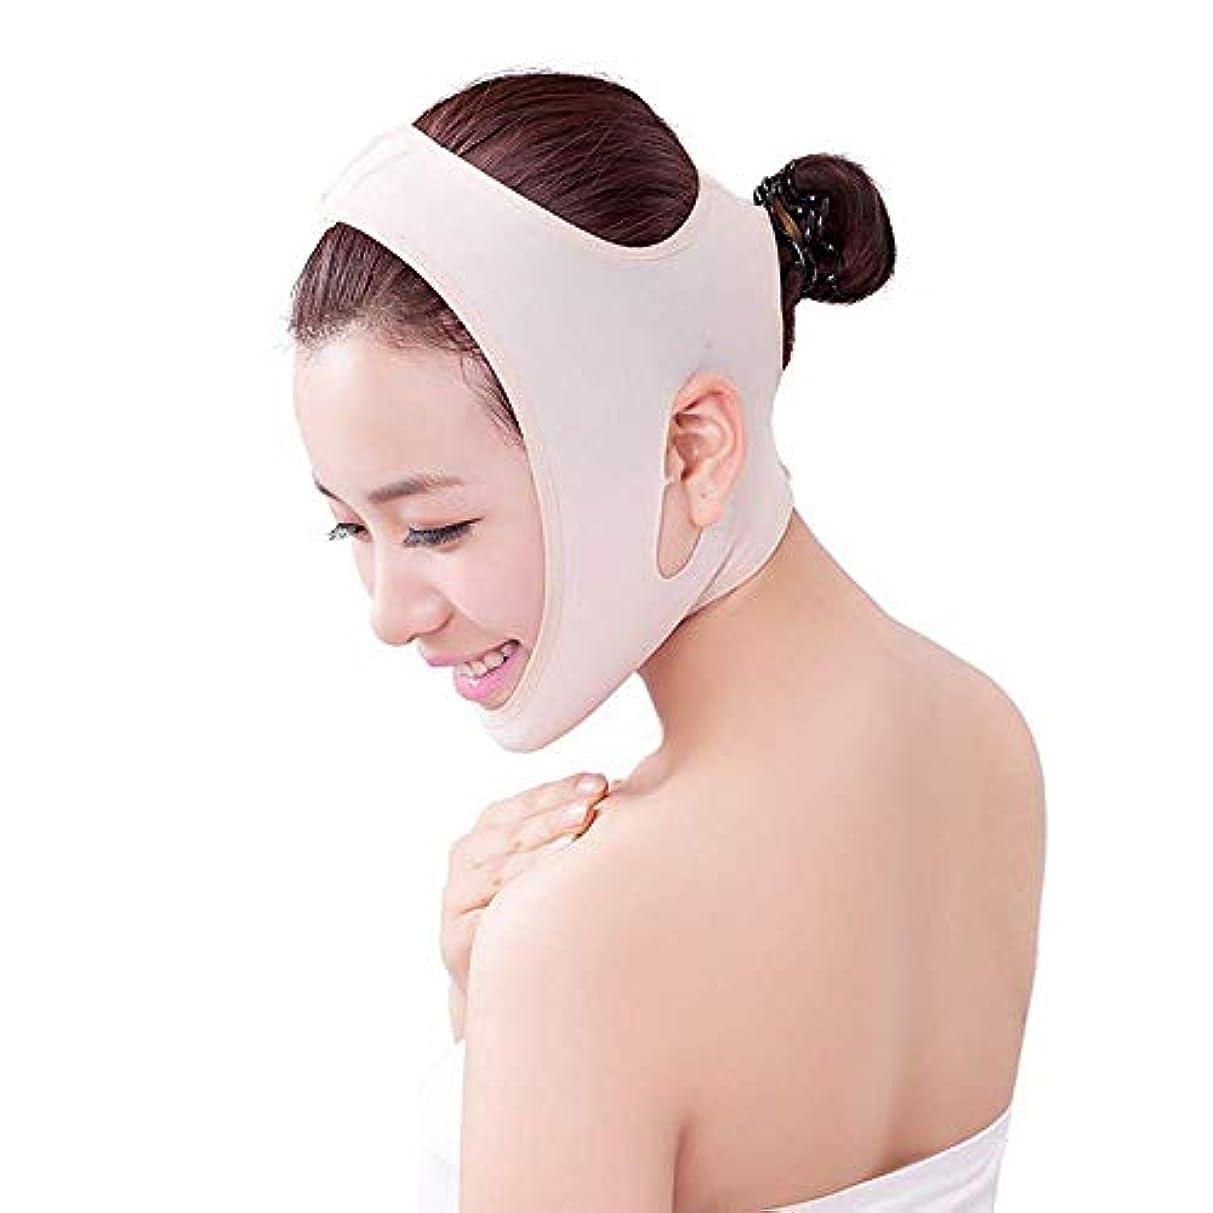 チャンバー中央値エンディング薄型フェイスベルト - 男性用および女性用の包帯をフランスの顔用リフティングマスク器具に引き締める薄型フェイスVフェイス薄型ダブルチンフェイスリフティングベルト(サイズ:M),M